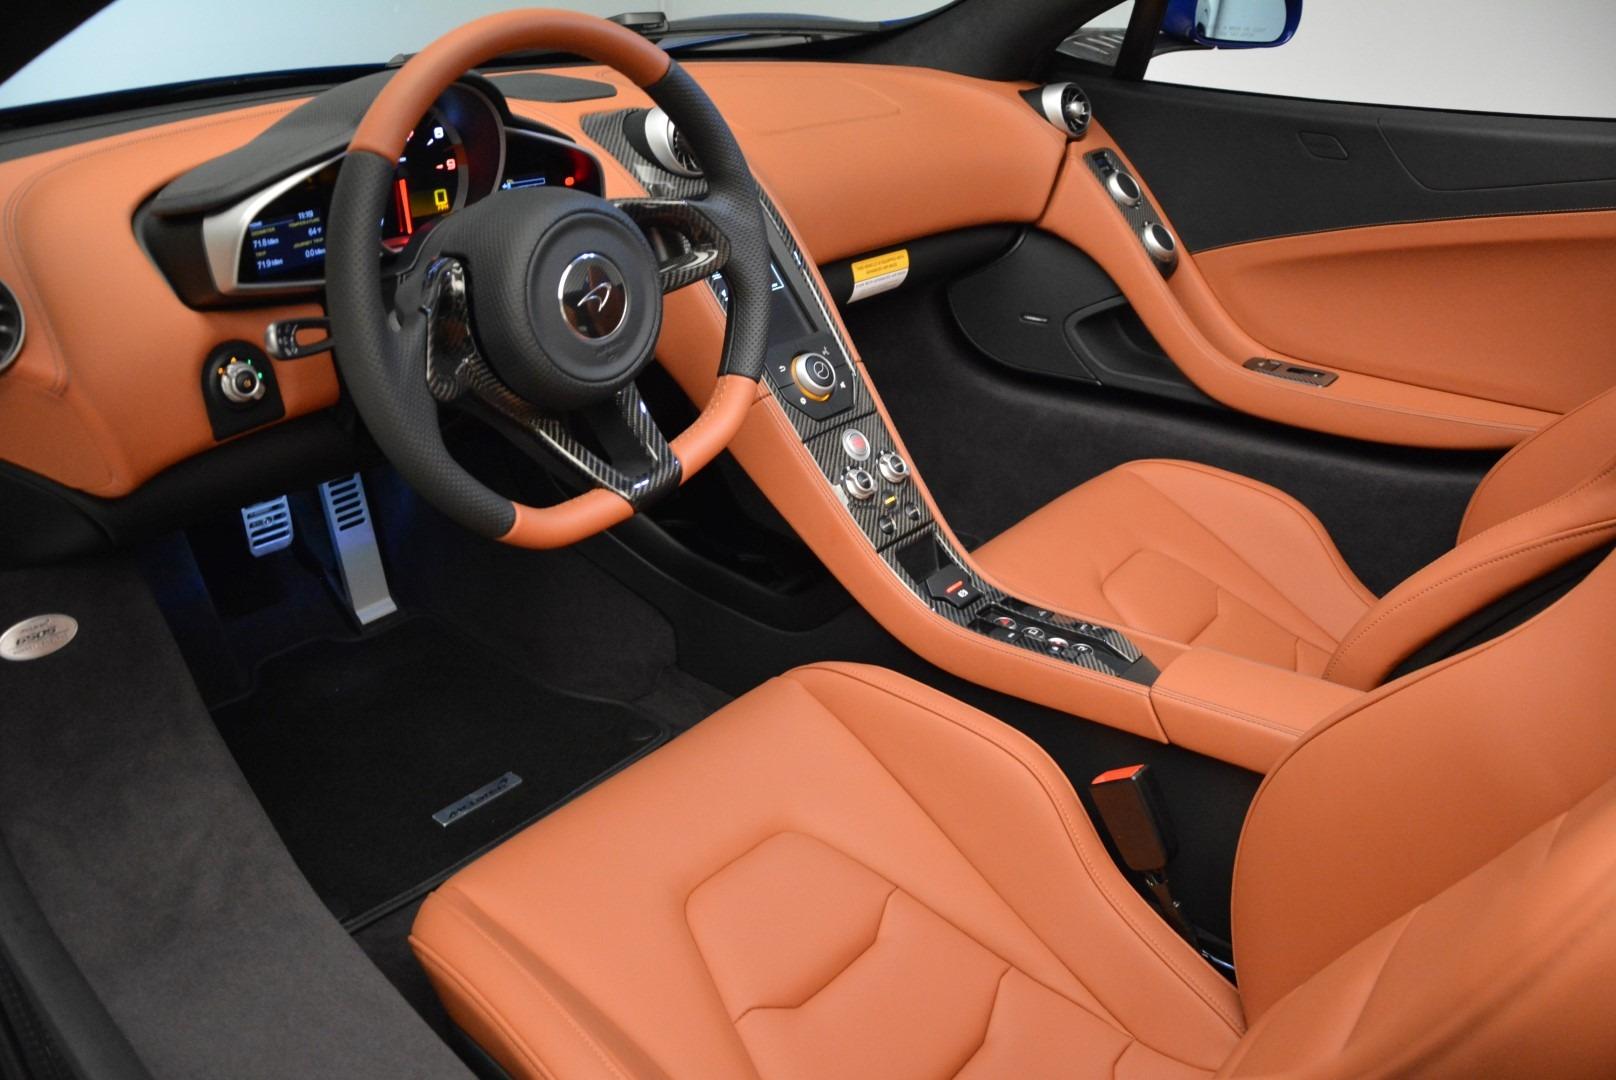 Used 2015 McLaren 650S Spider Convertible For Sale In Westport, CT 3112_p22